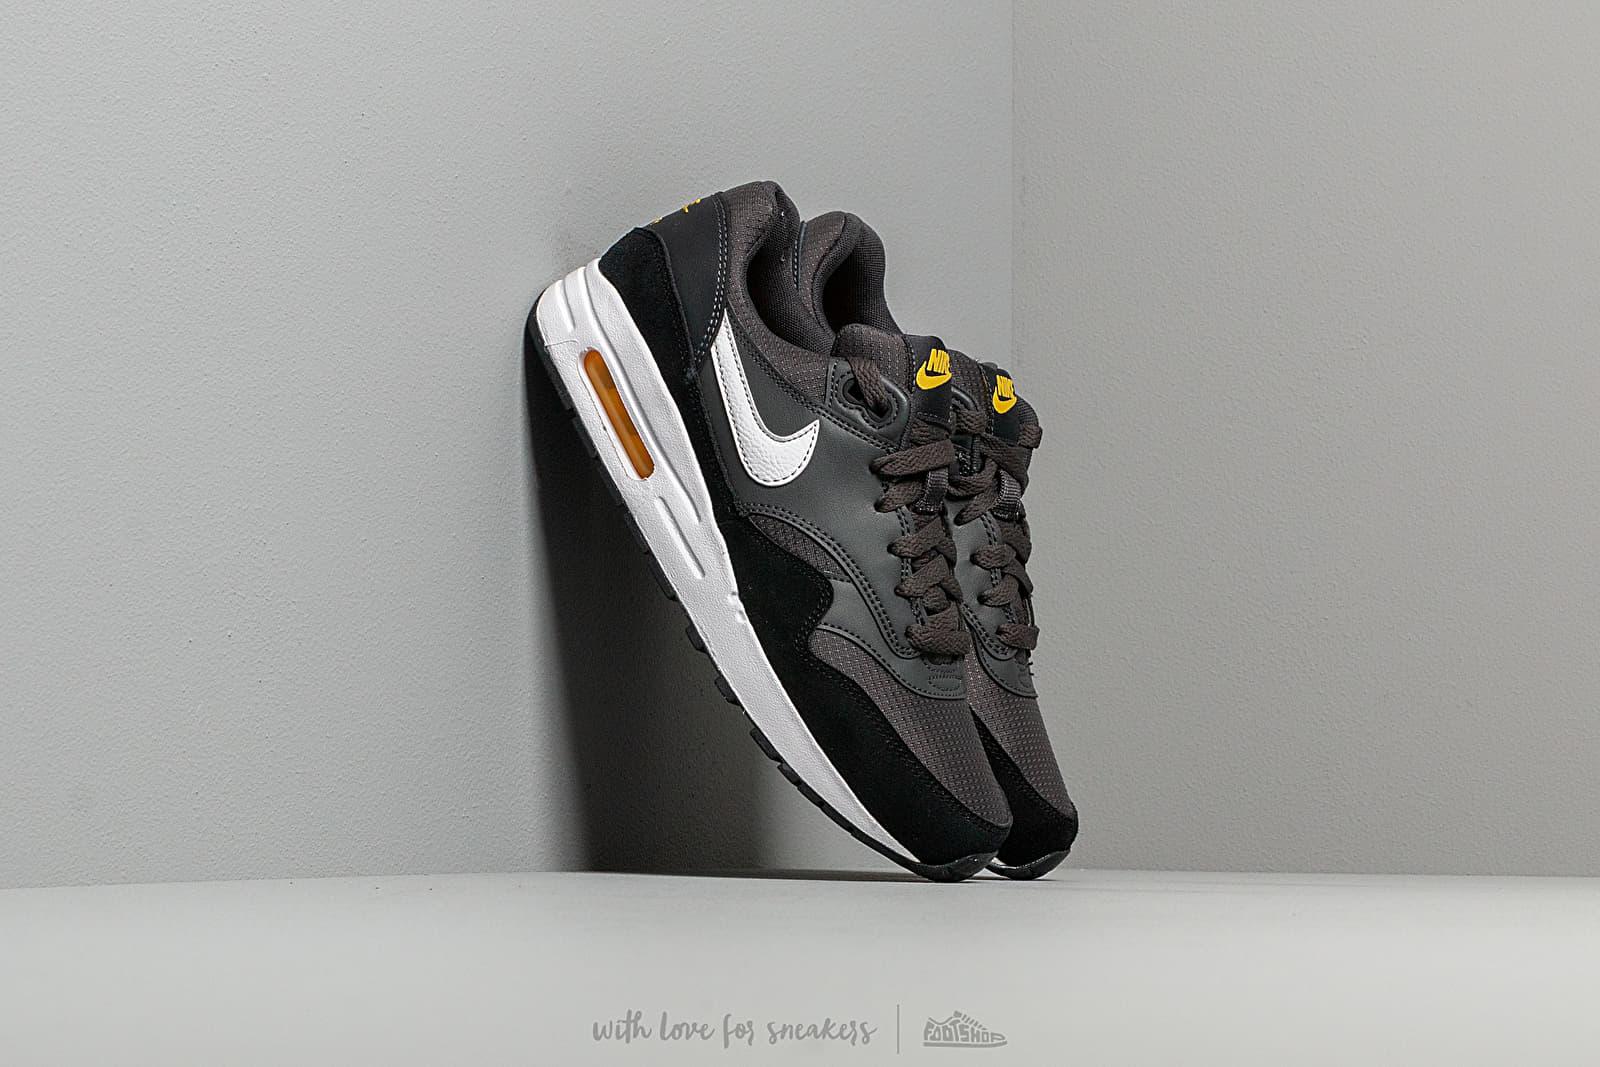 Nike Air Max 1 (GS) Anthracite/ White-Black-Amarillo za skvelú cenu 95 € kúpite na Footshop.sk